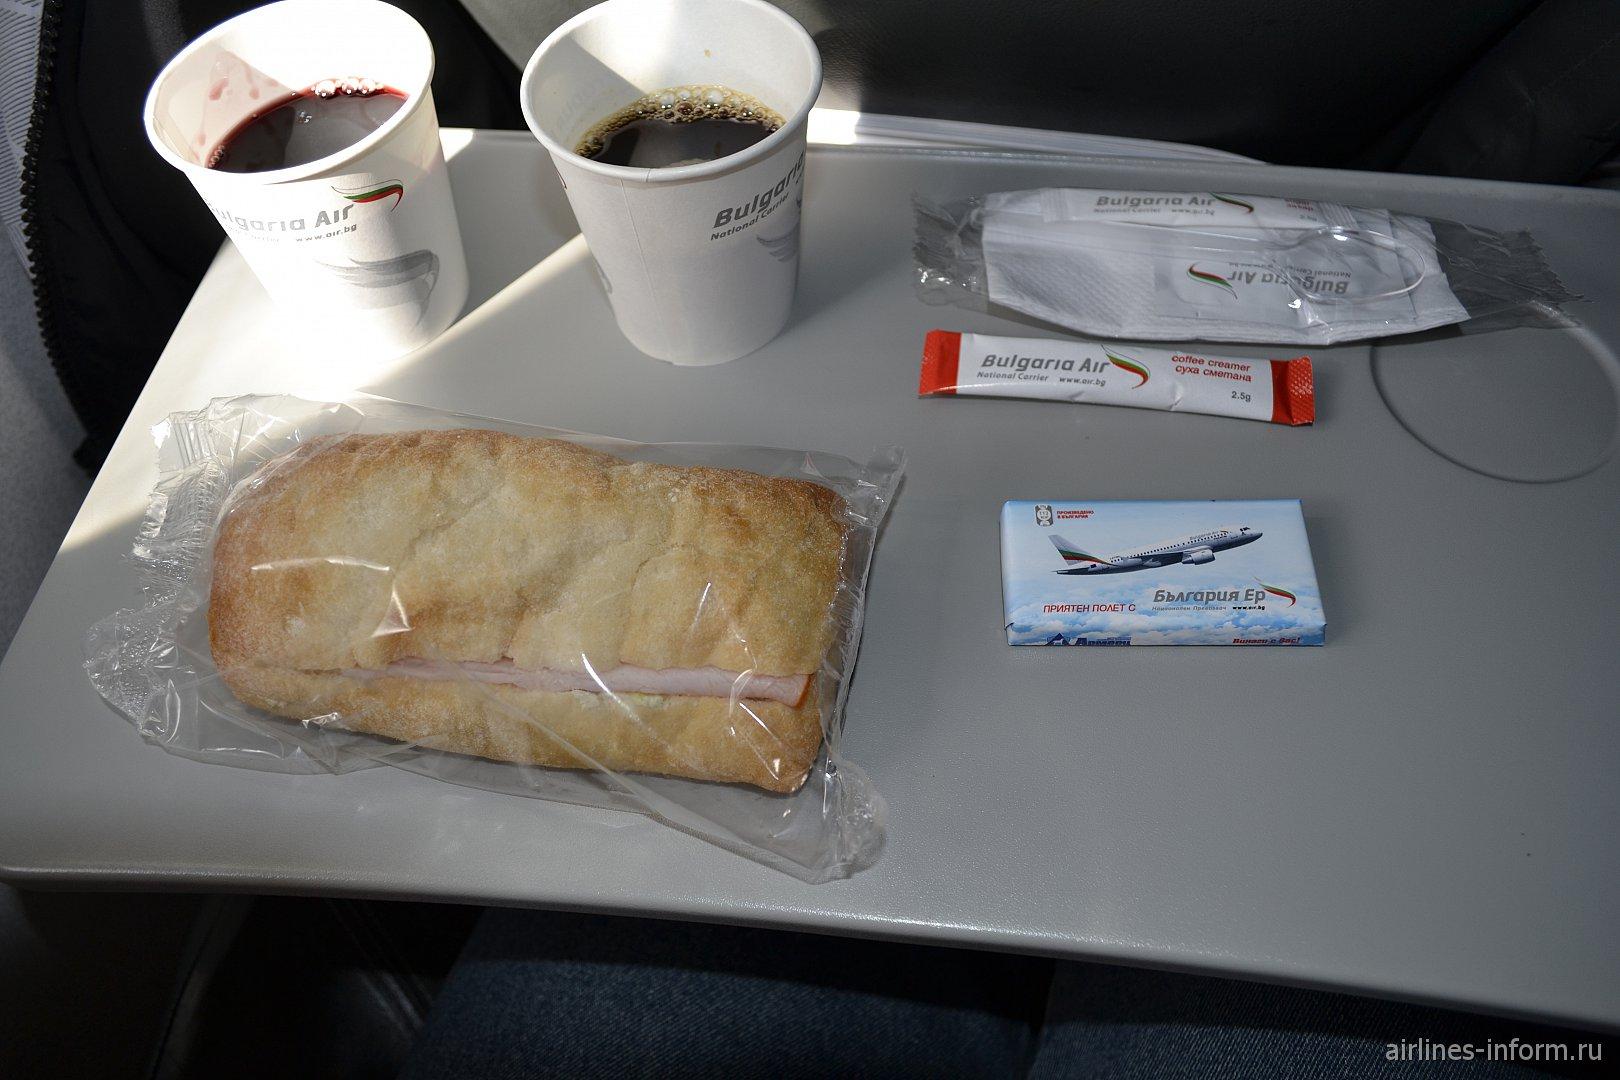 ����������� �� ����� �����-������ ������������ Bulgaria Air